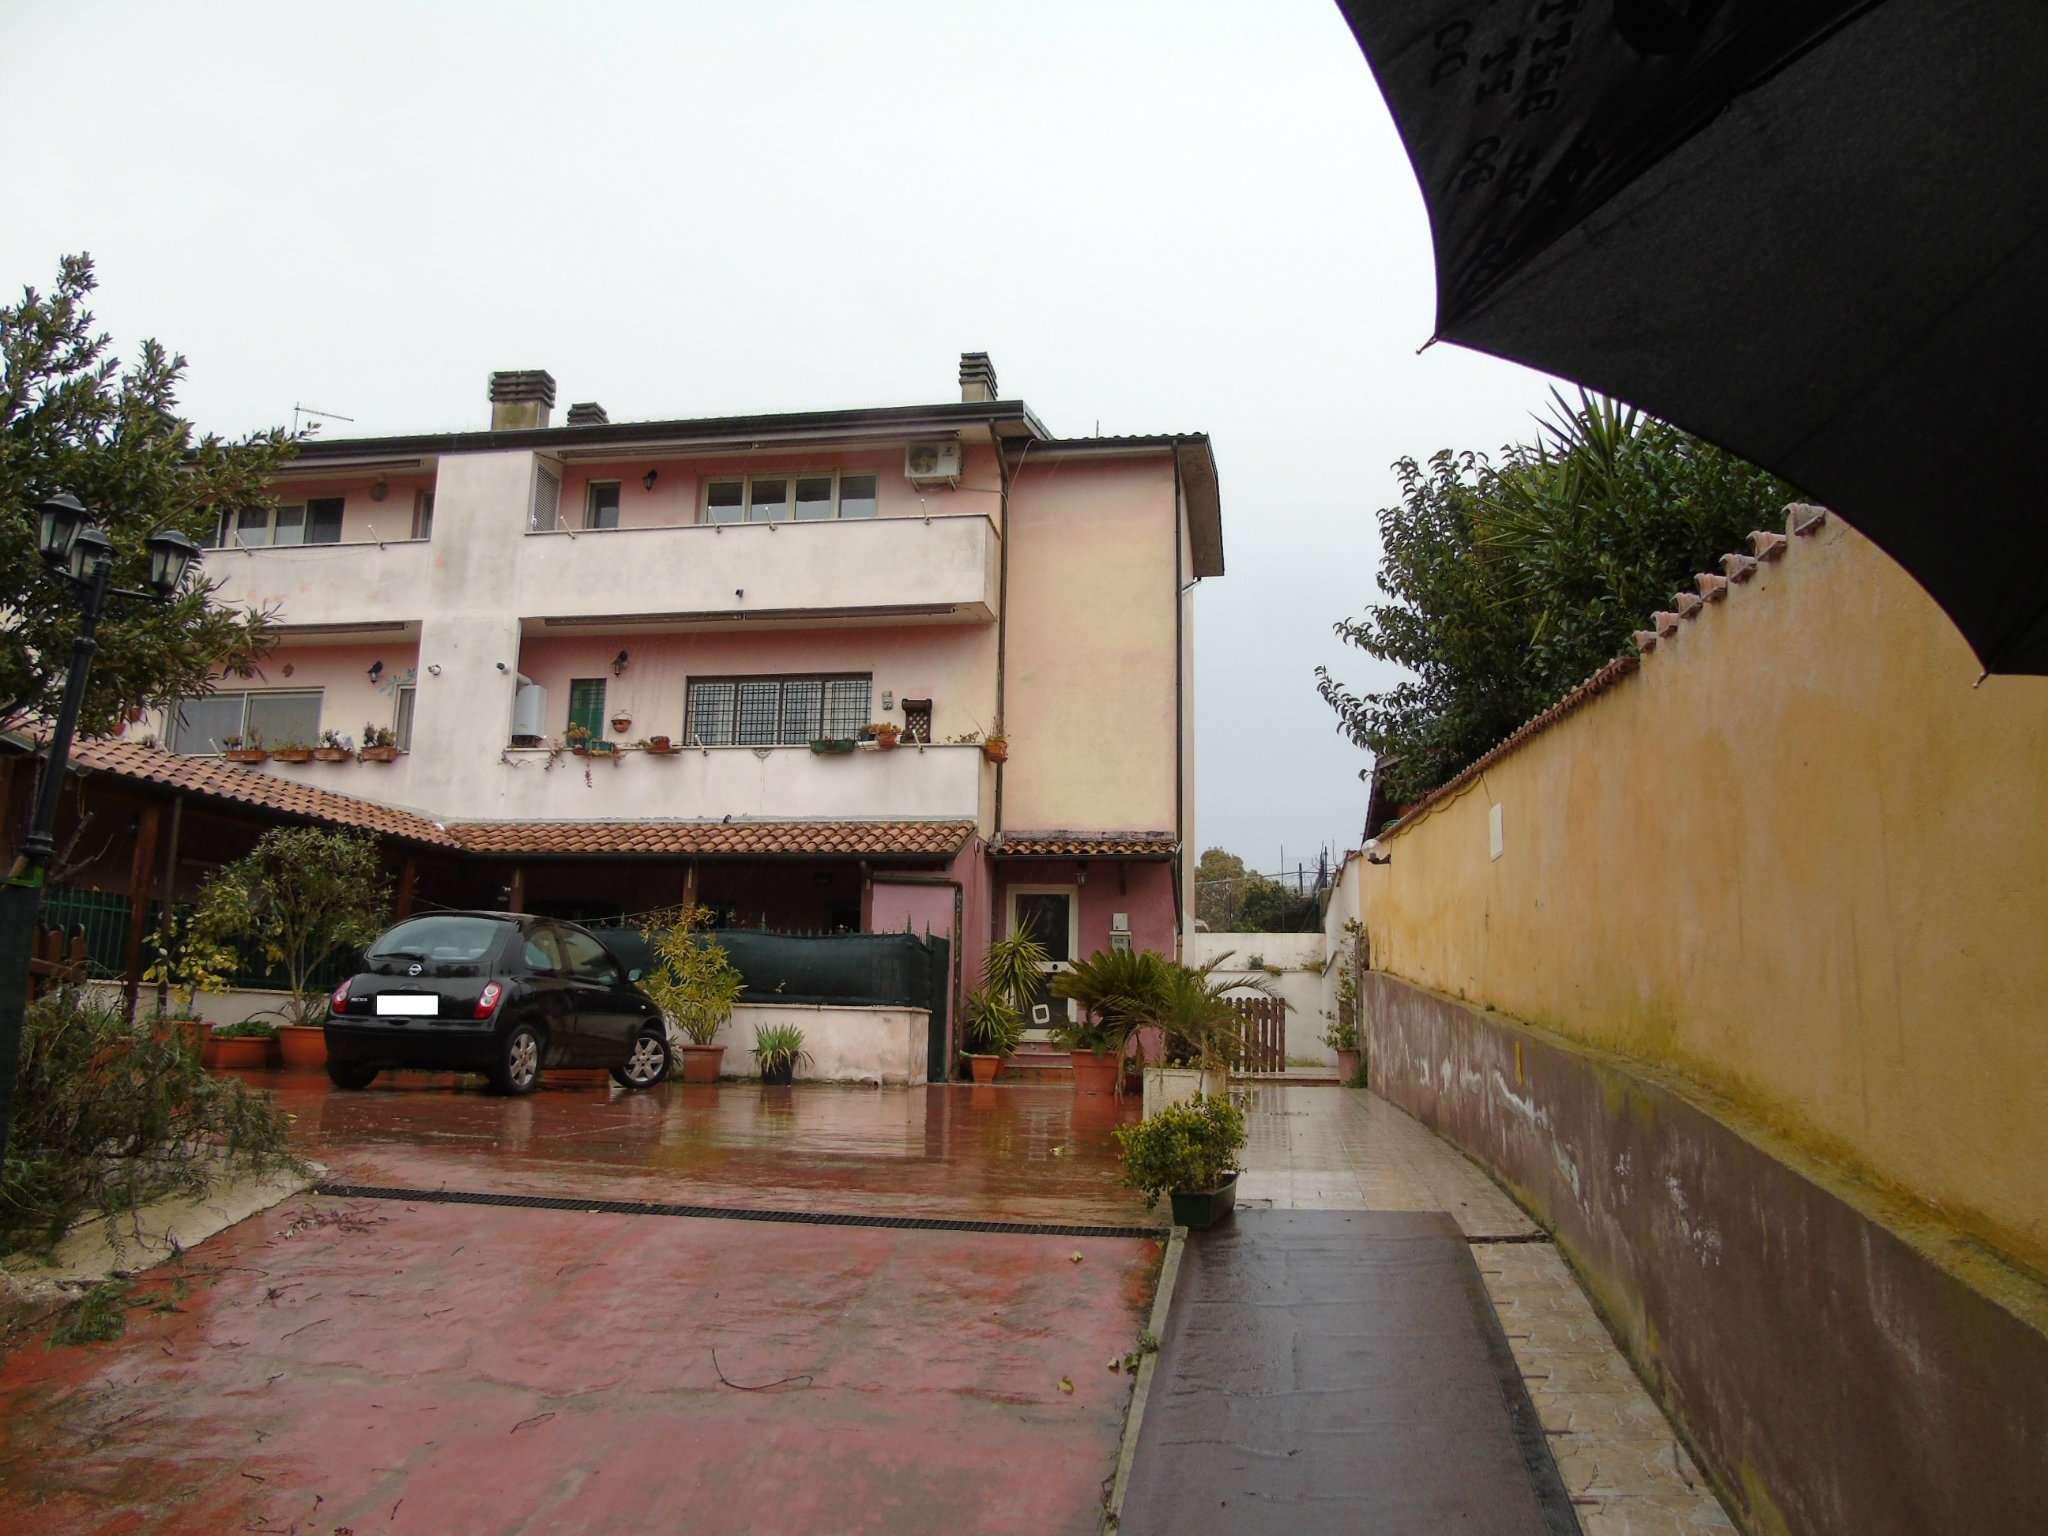 Appartamento in vendita a Roma, 3 locali, zona Zona: 21 . Laurentina, prezzo € 90.000 | CambioCasa.it